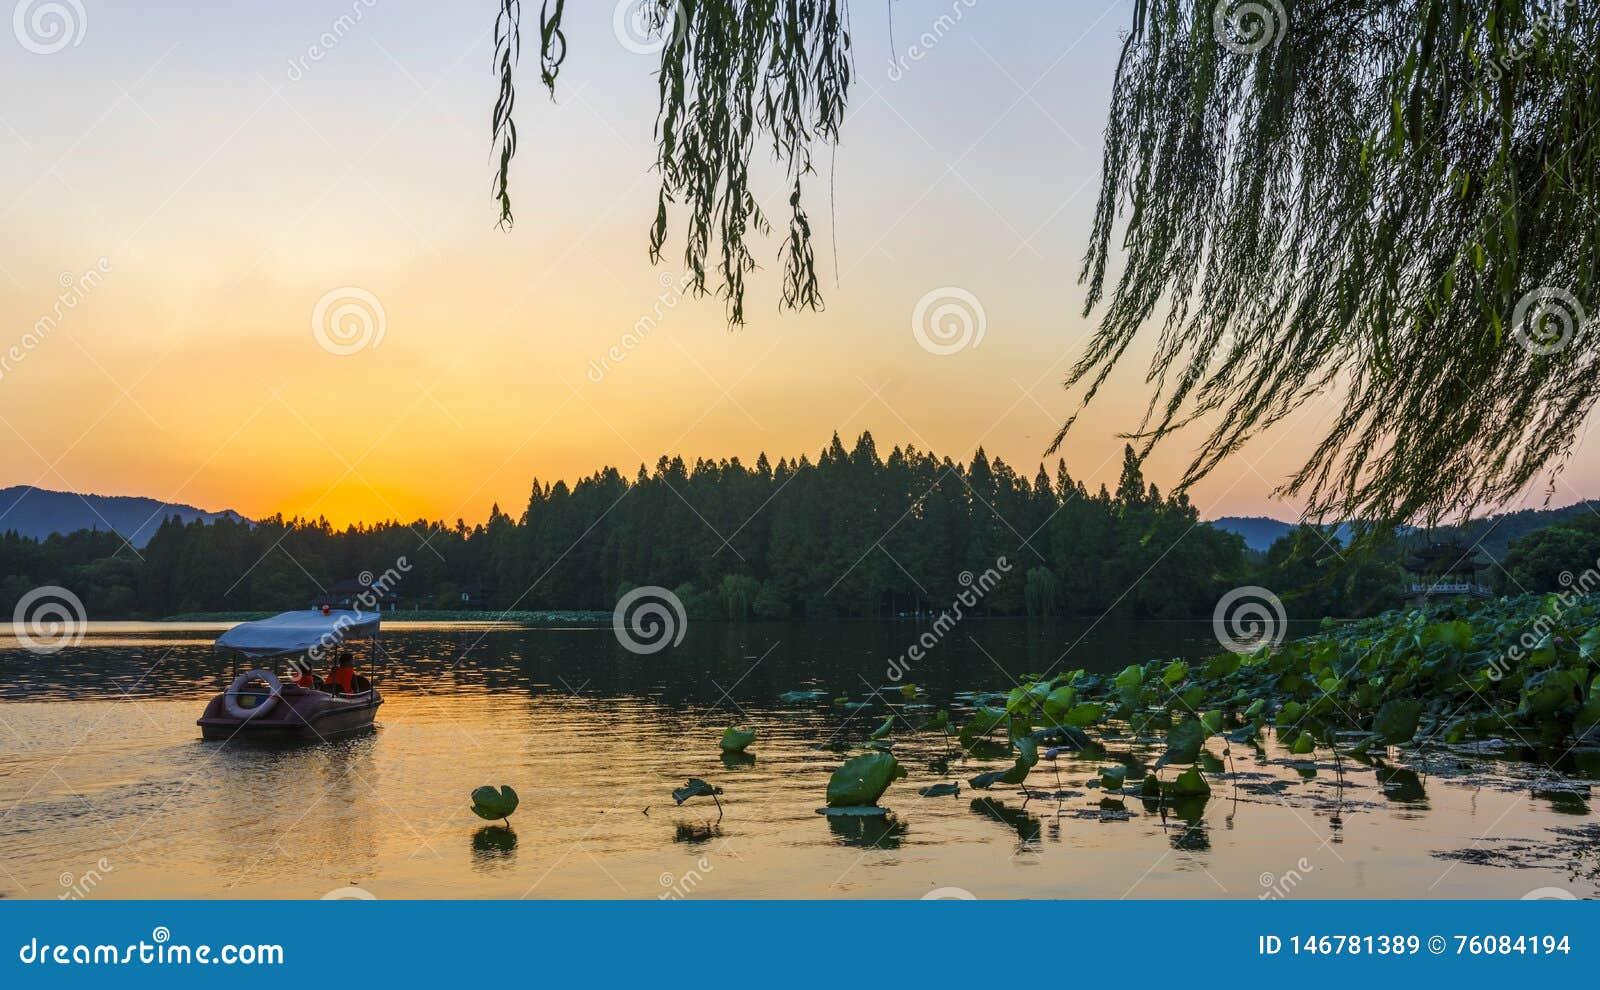 Некоторый момент сумерек в западном озере, Ханчжоу